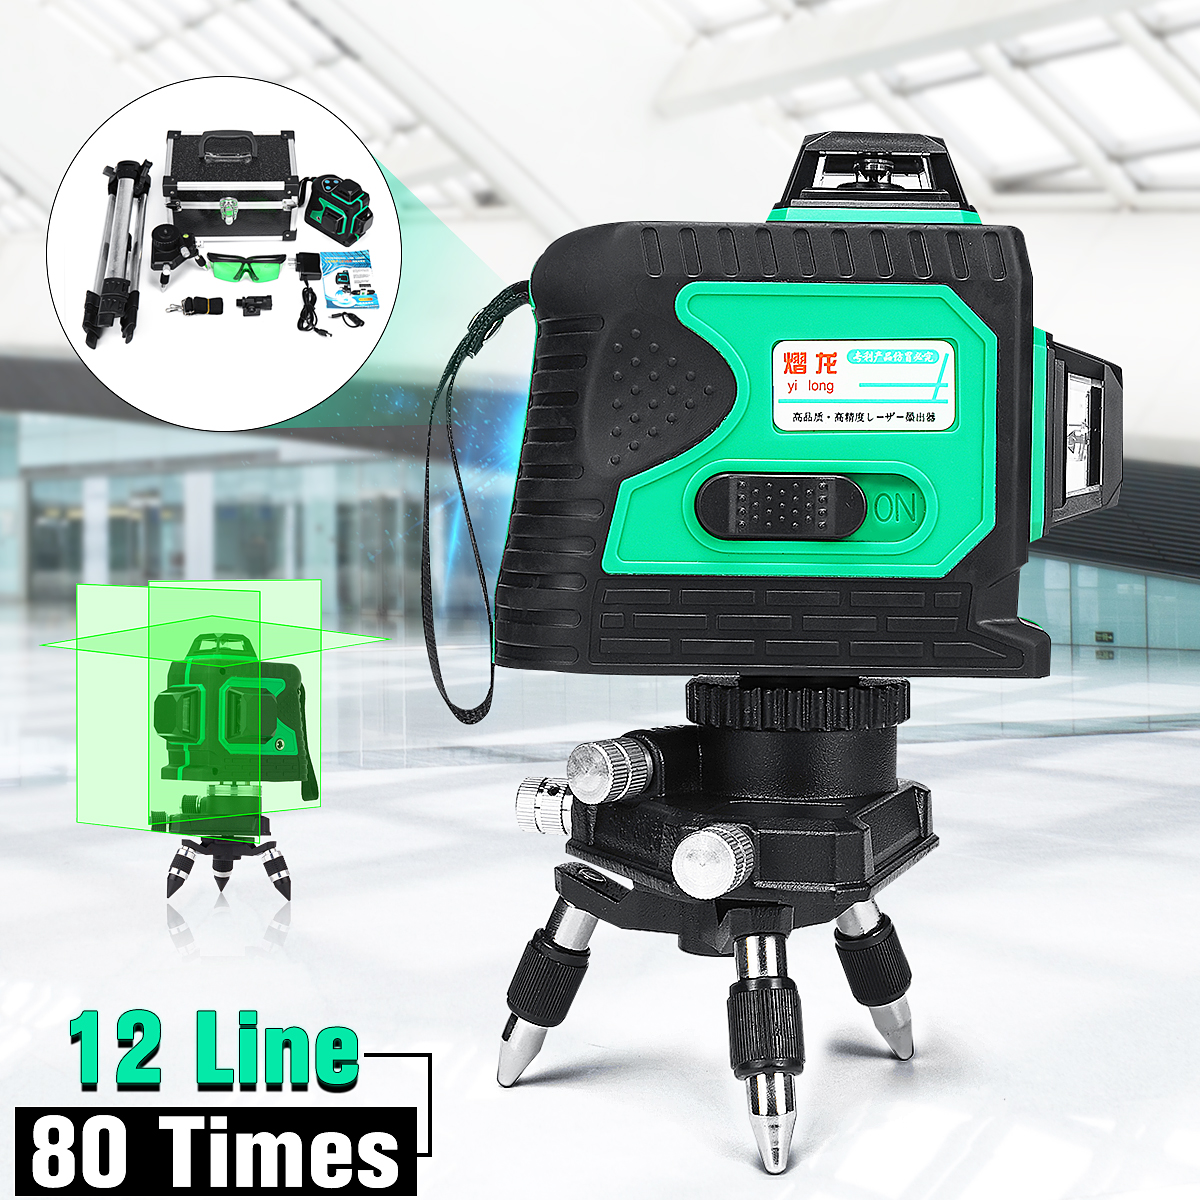 12 линия 3D 360 градусов крест зеленый лазер Авто выравнивание вертикальный горизонтальный уровень с треногой водостойкая функция Plumb-point